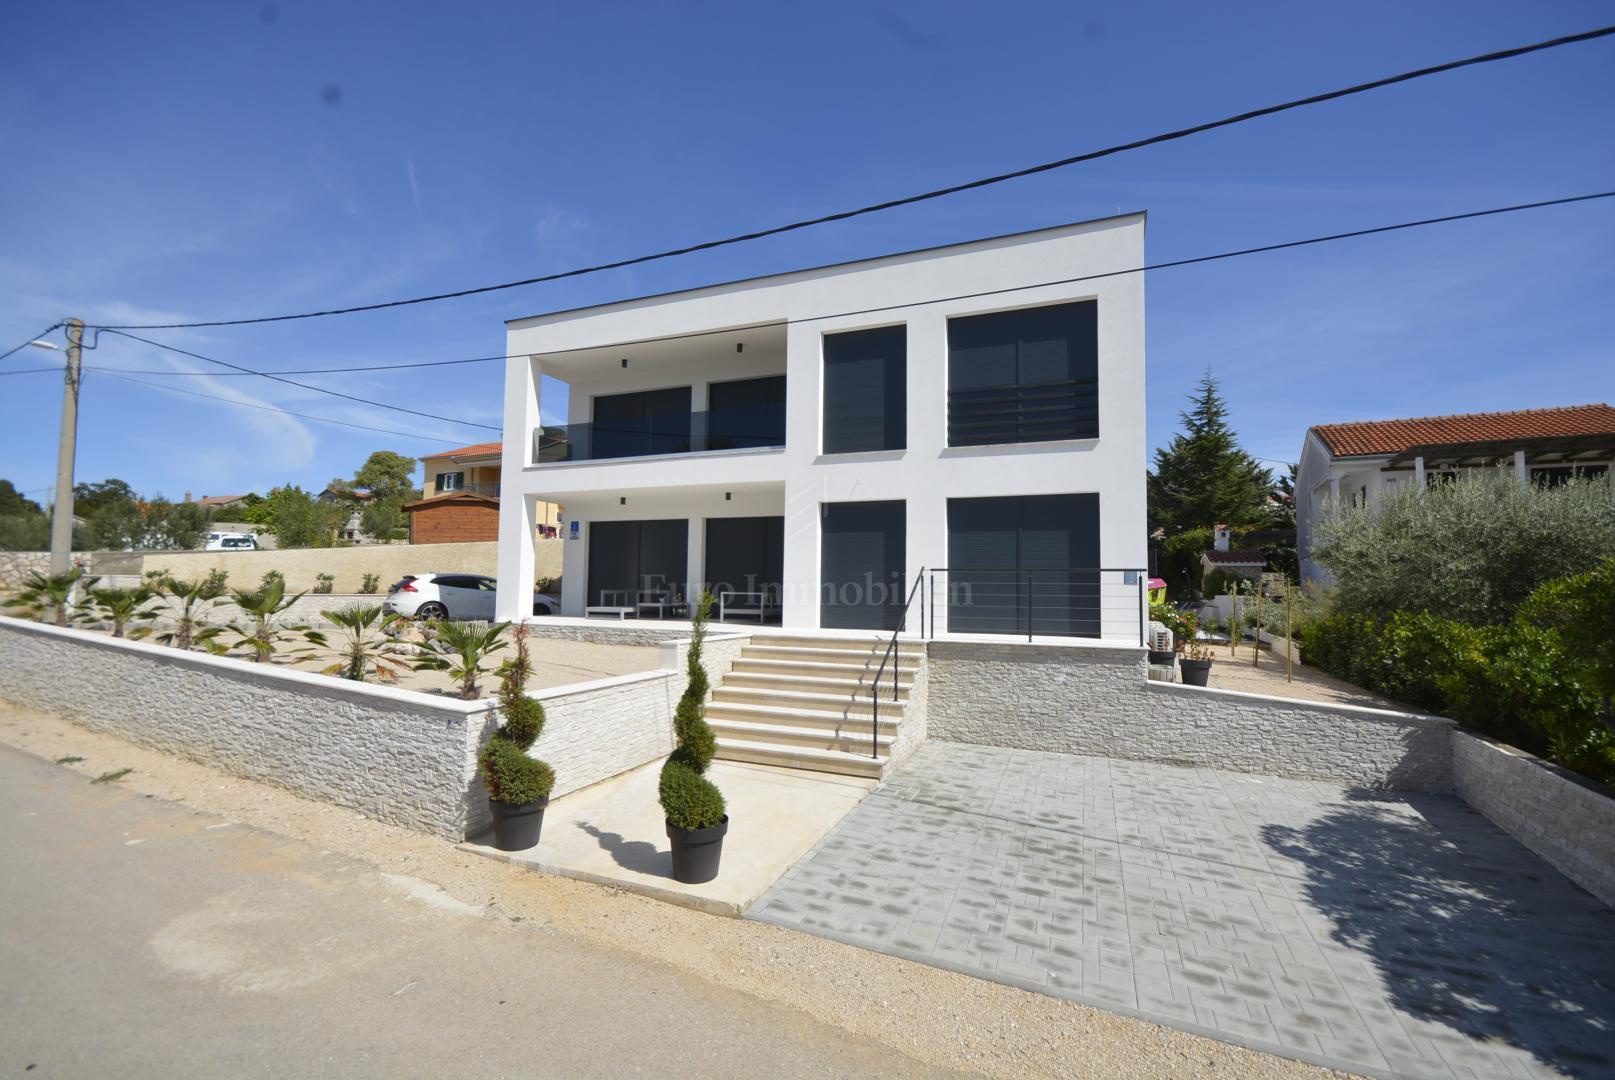 House Krk, 170m2